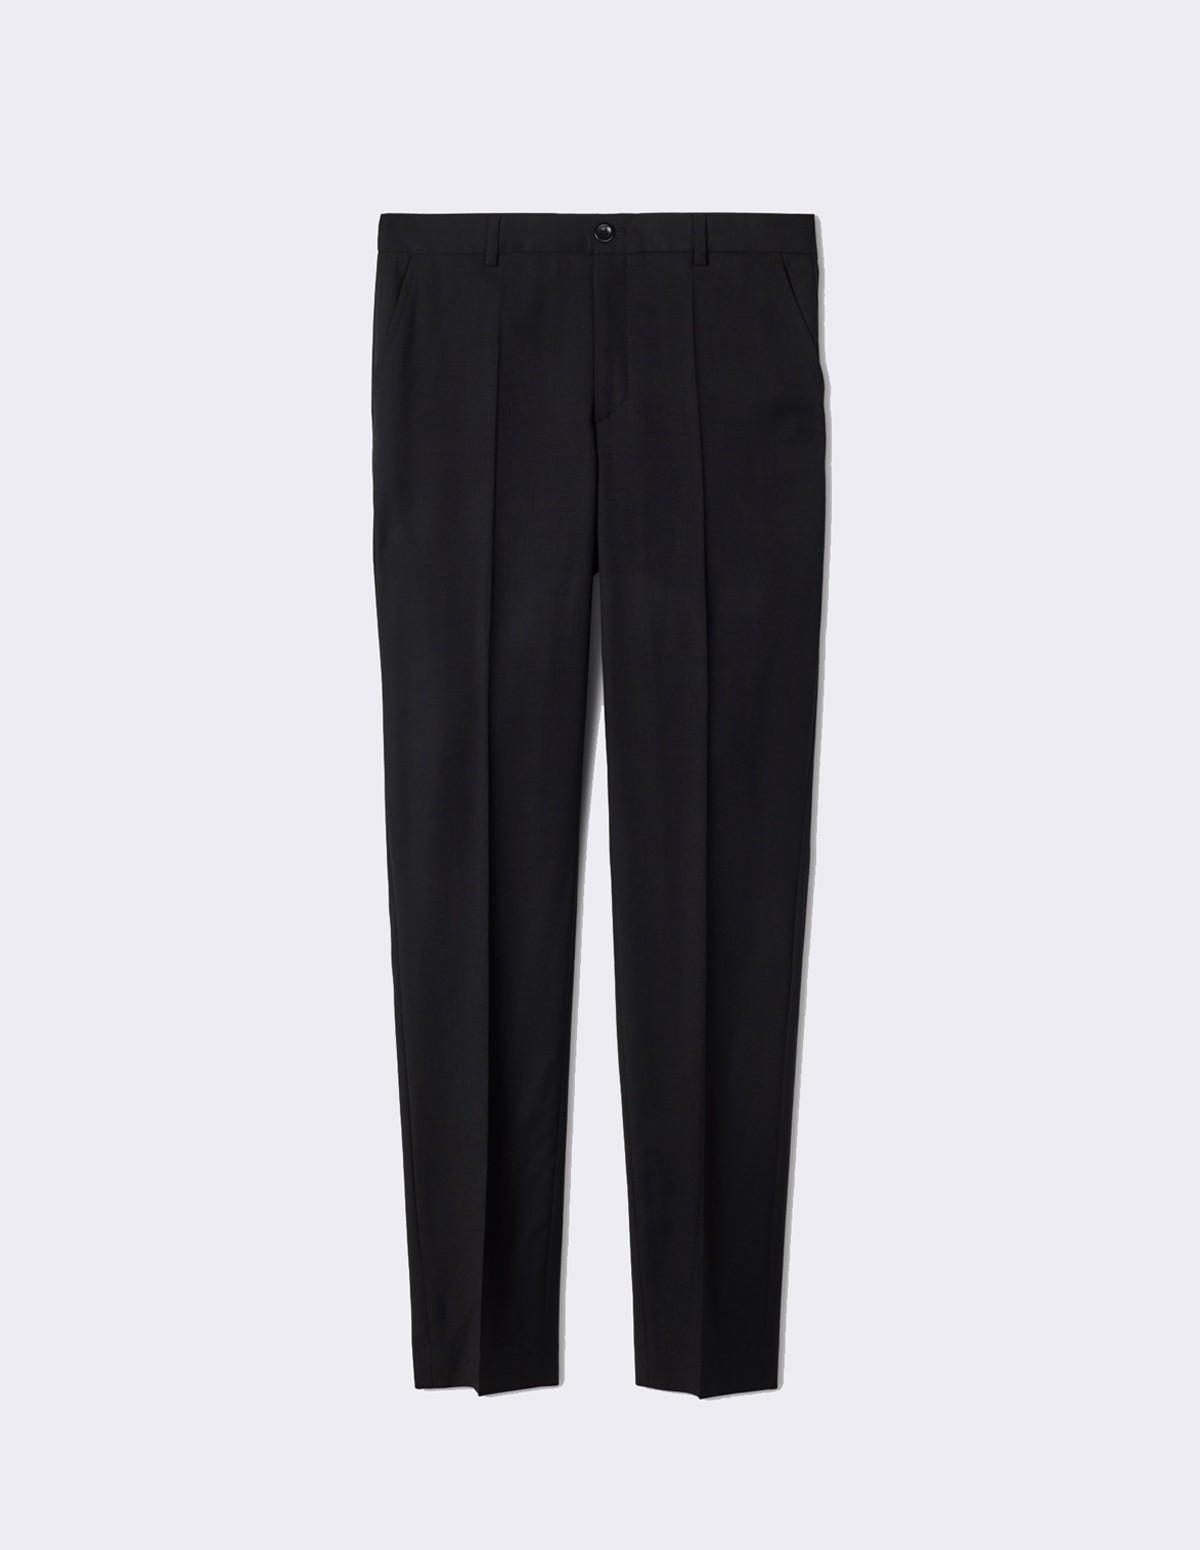 Fk Luisa Cool Wool Trouser - BLACK